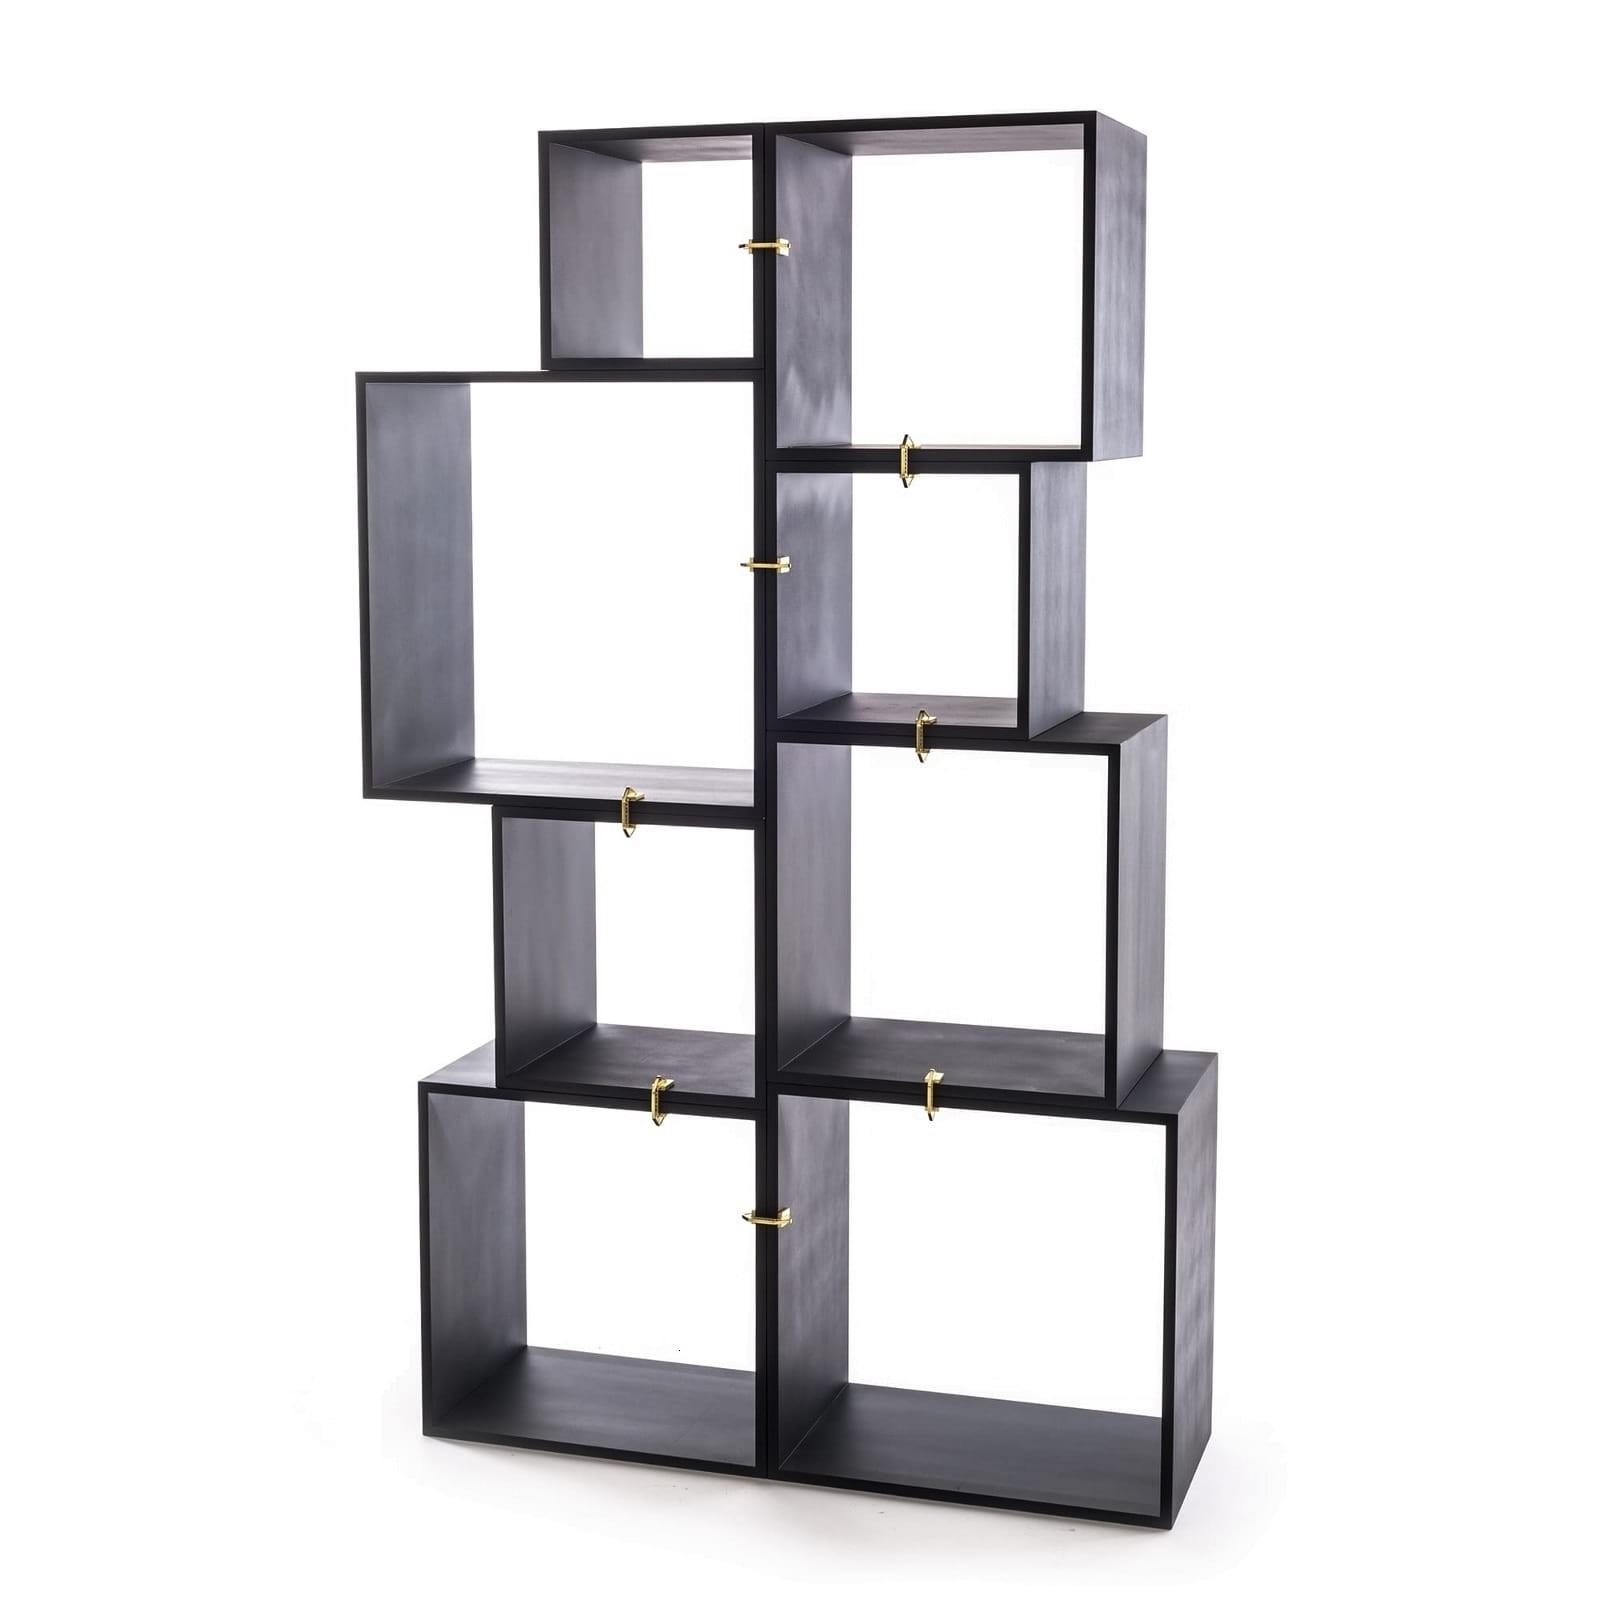 Assemblage Modular Bookcase (Anthracite) - Seletti